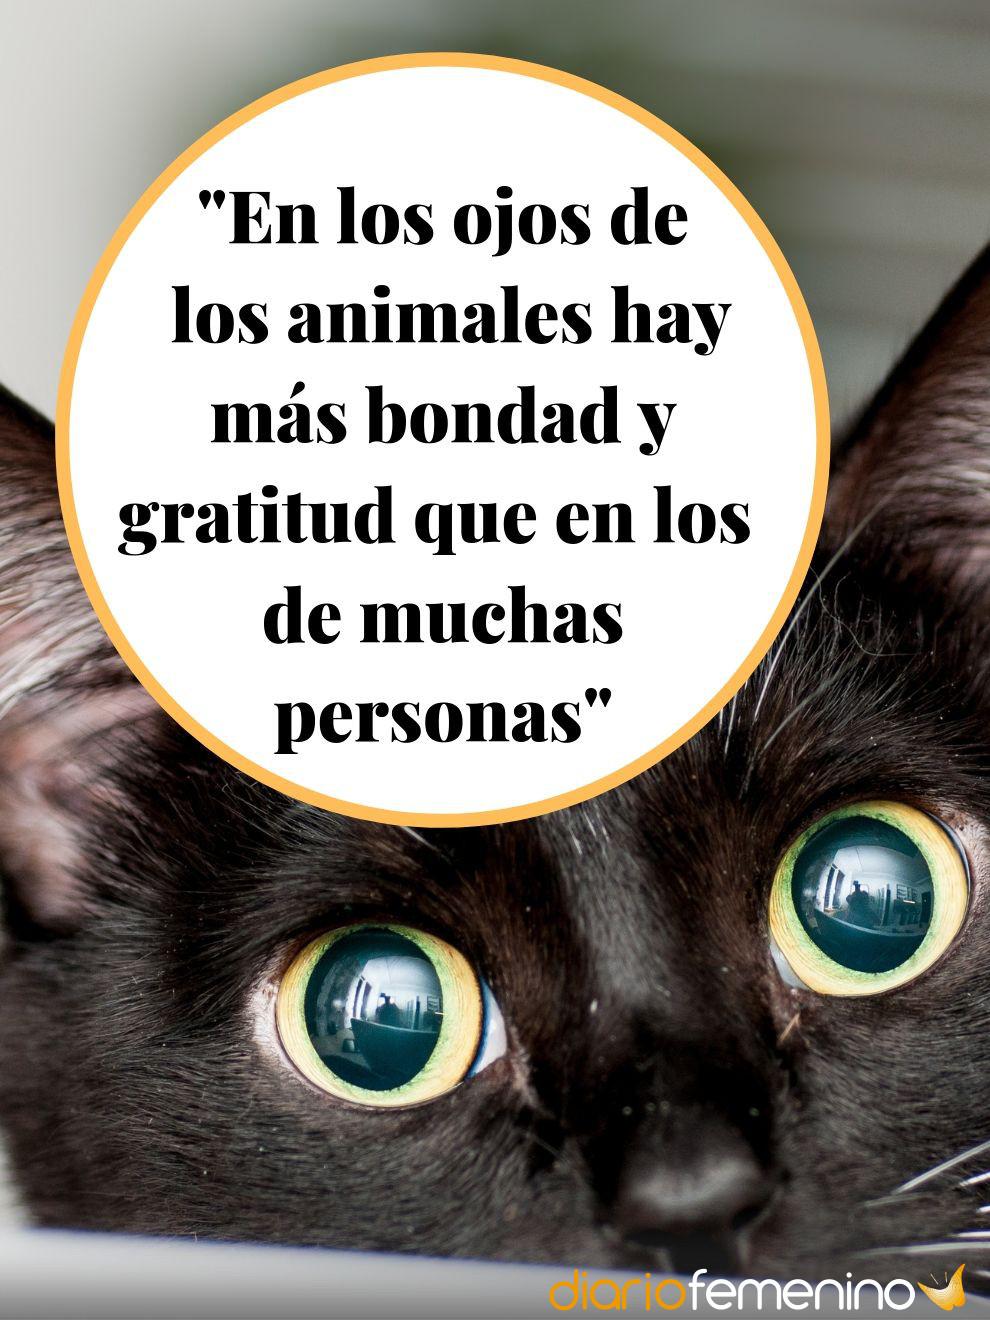 Frases de amor sobre los animales: son pura bondad y gratitud